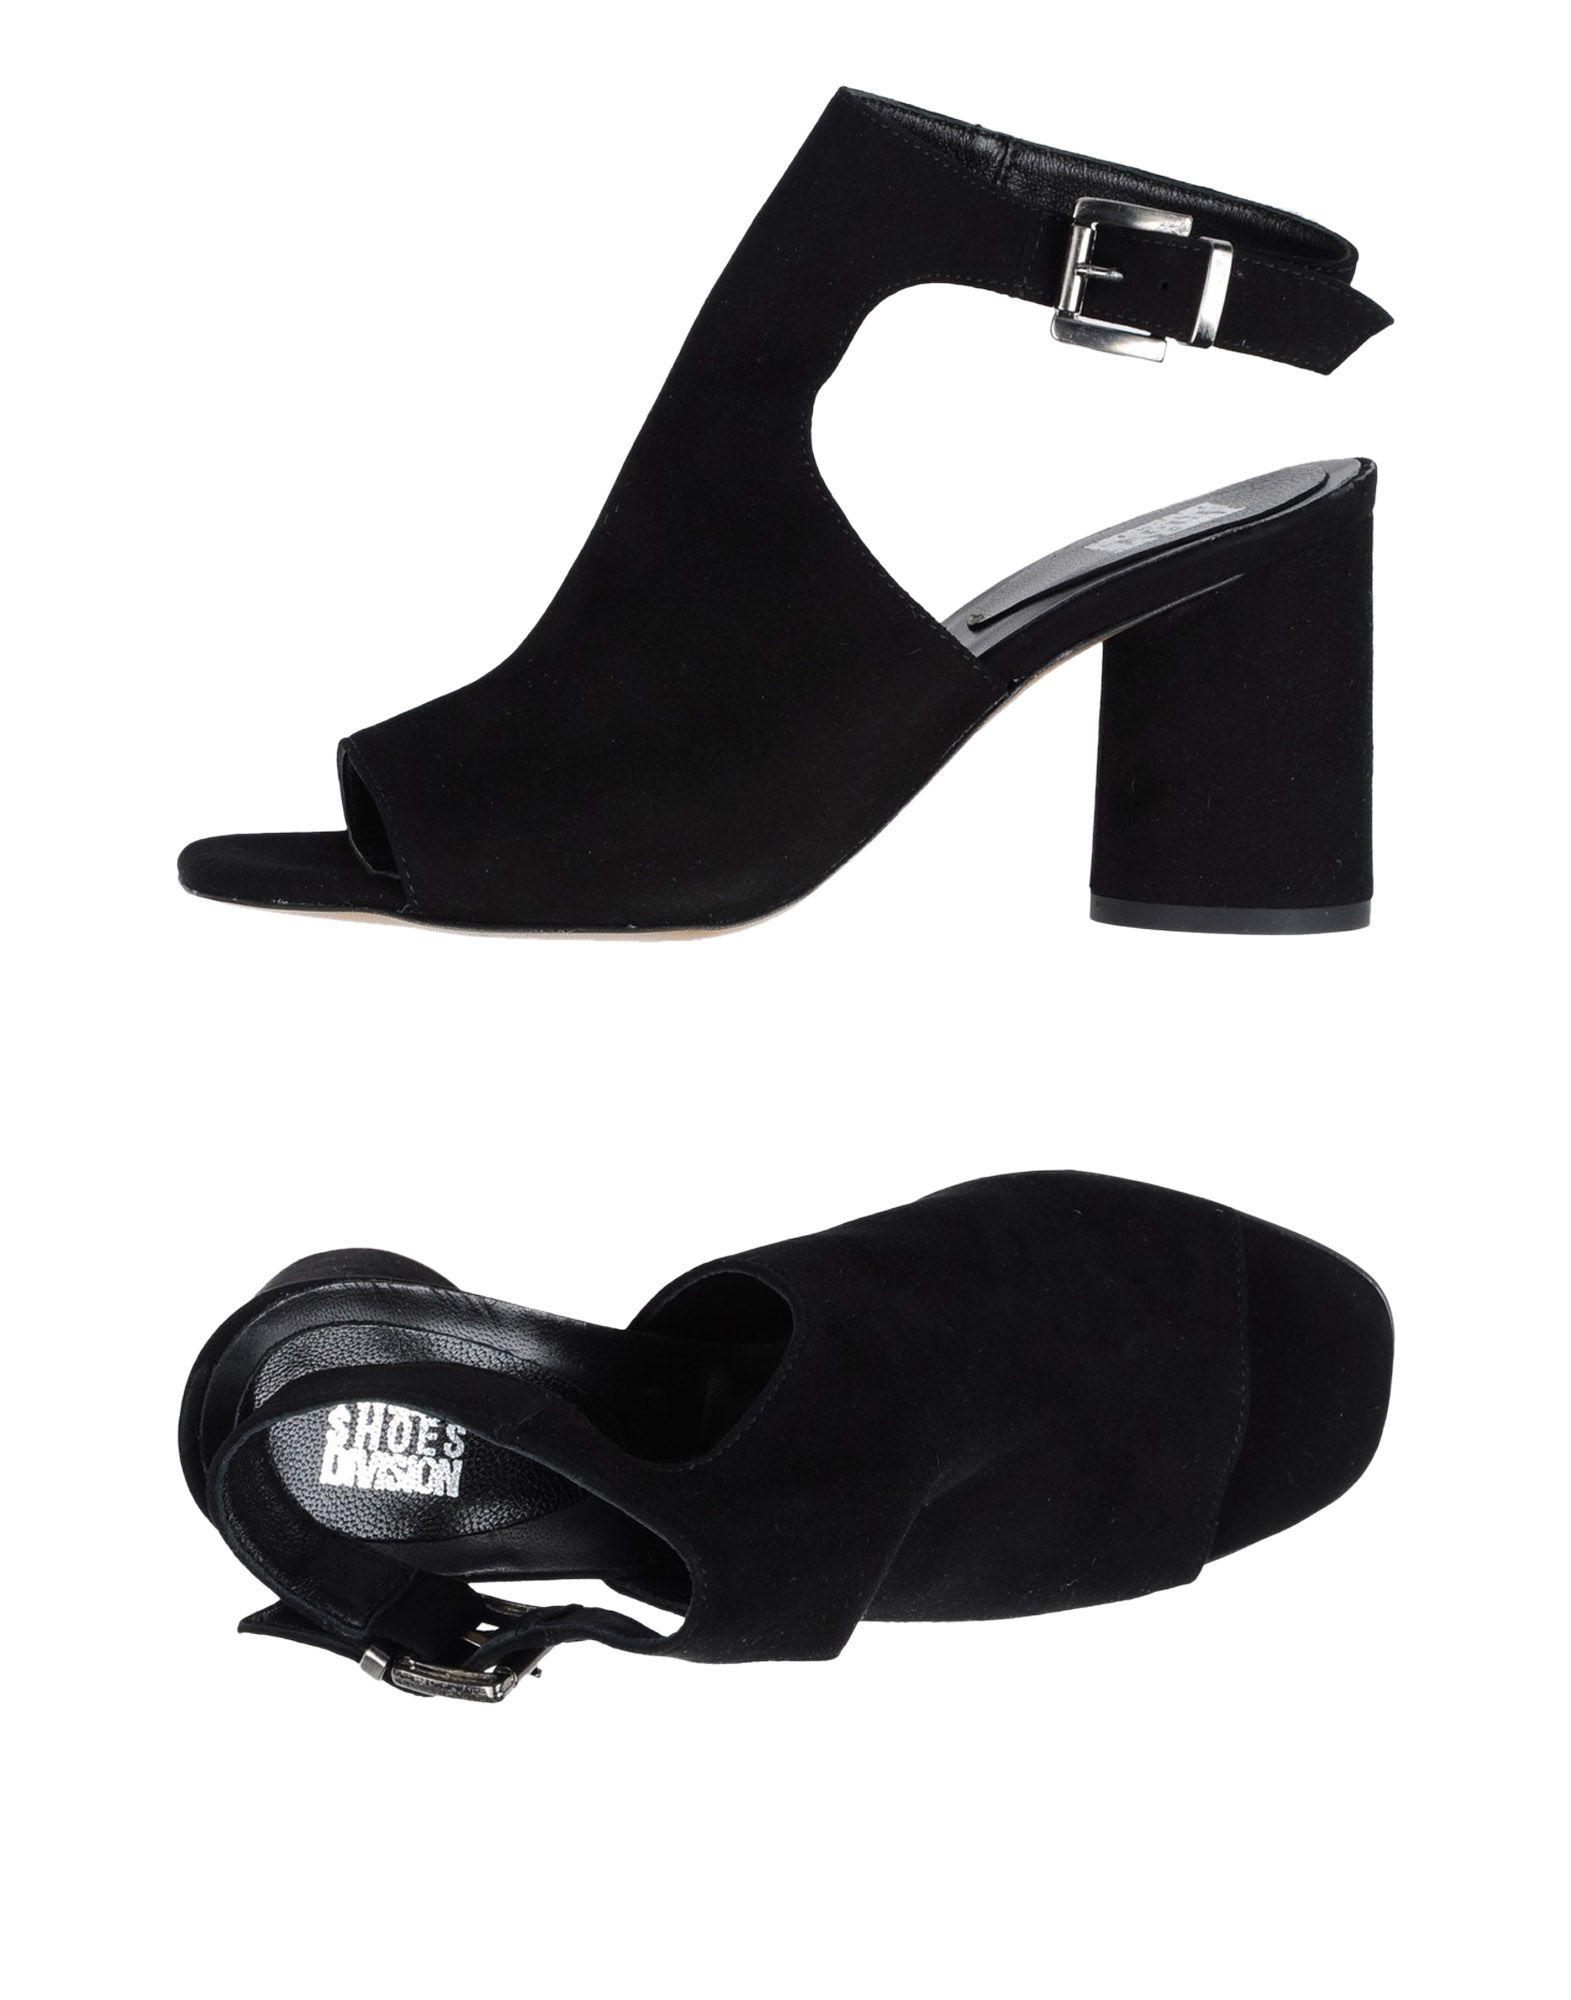 Tsd12 Sandalen Damen  11337971KM Gute Qualität beliebte Schuhe